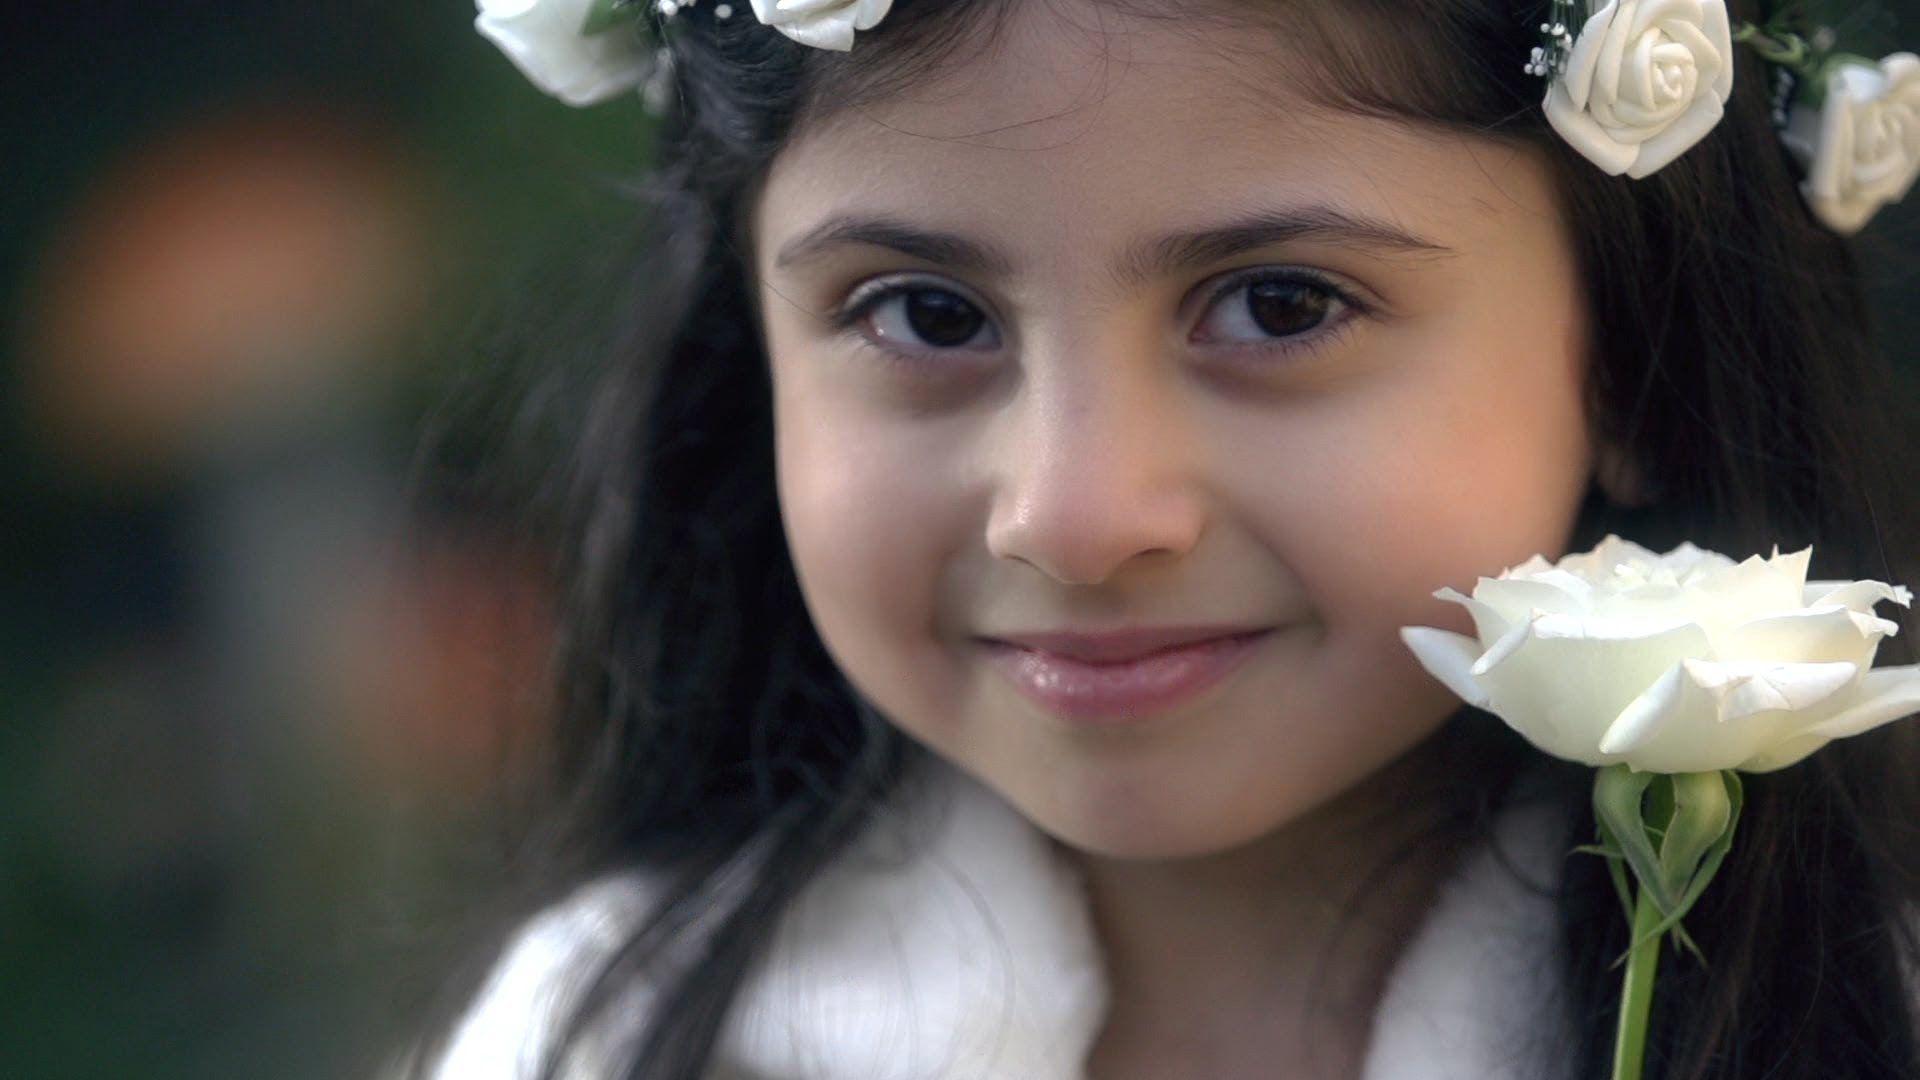 فيديو كليب وردة بيضاء ريماس العزاوي كناري Hd Flower Photos Celebs Pearl Earrings